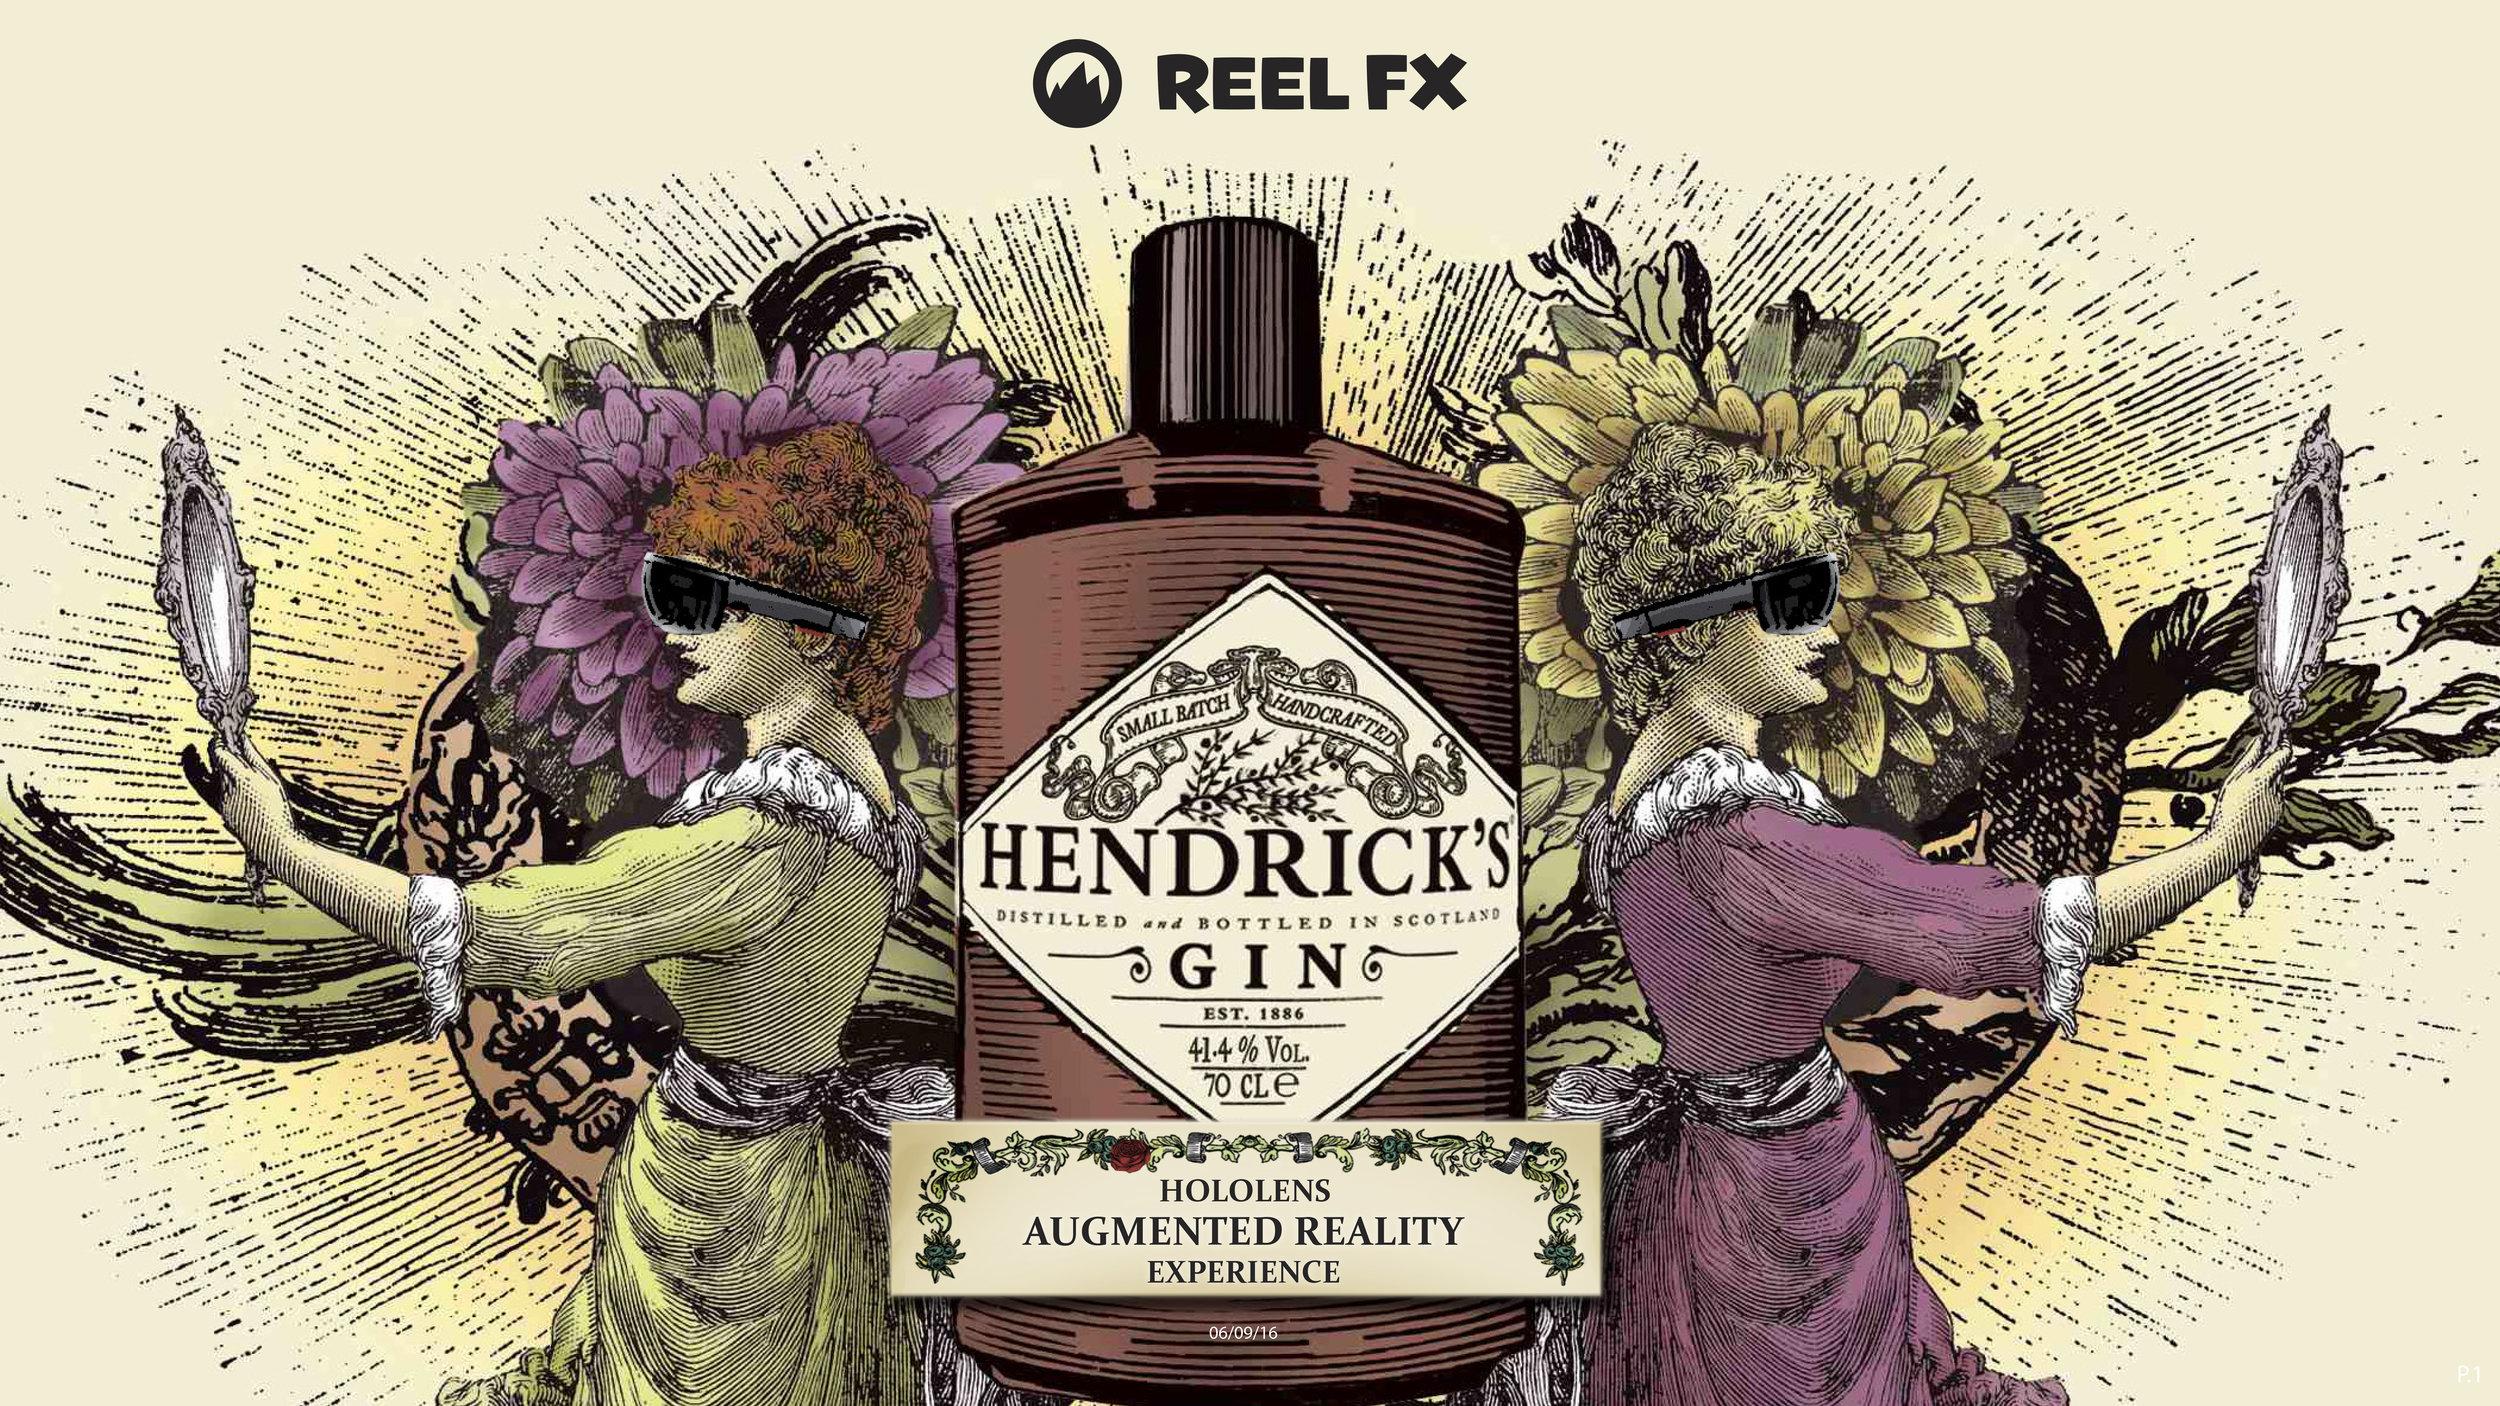 Hendricks_AR_6_10_16-1.jpg